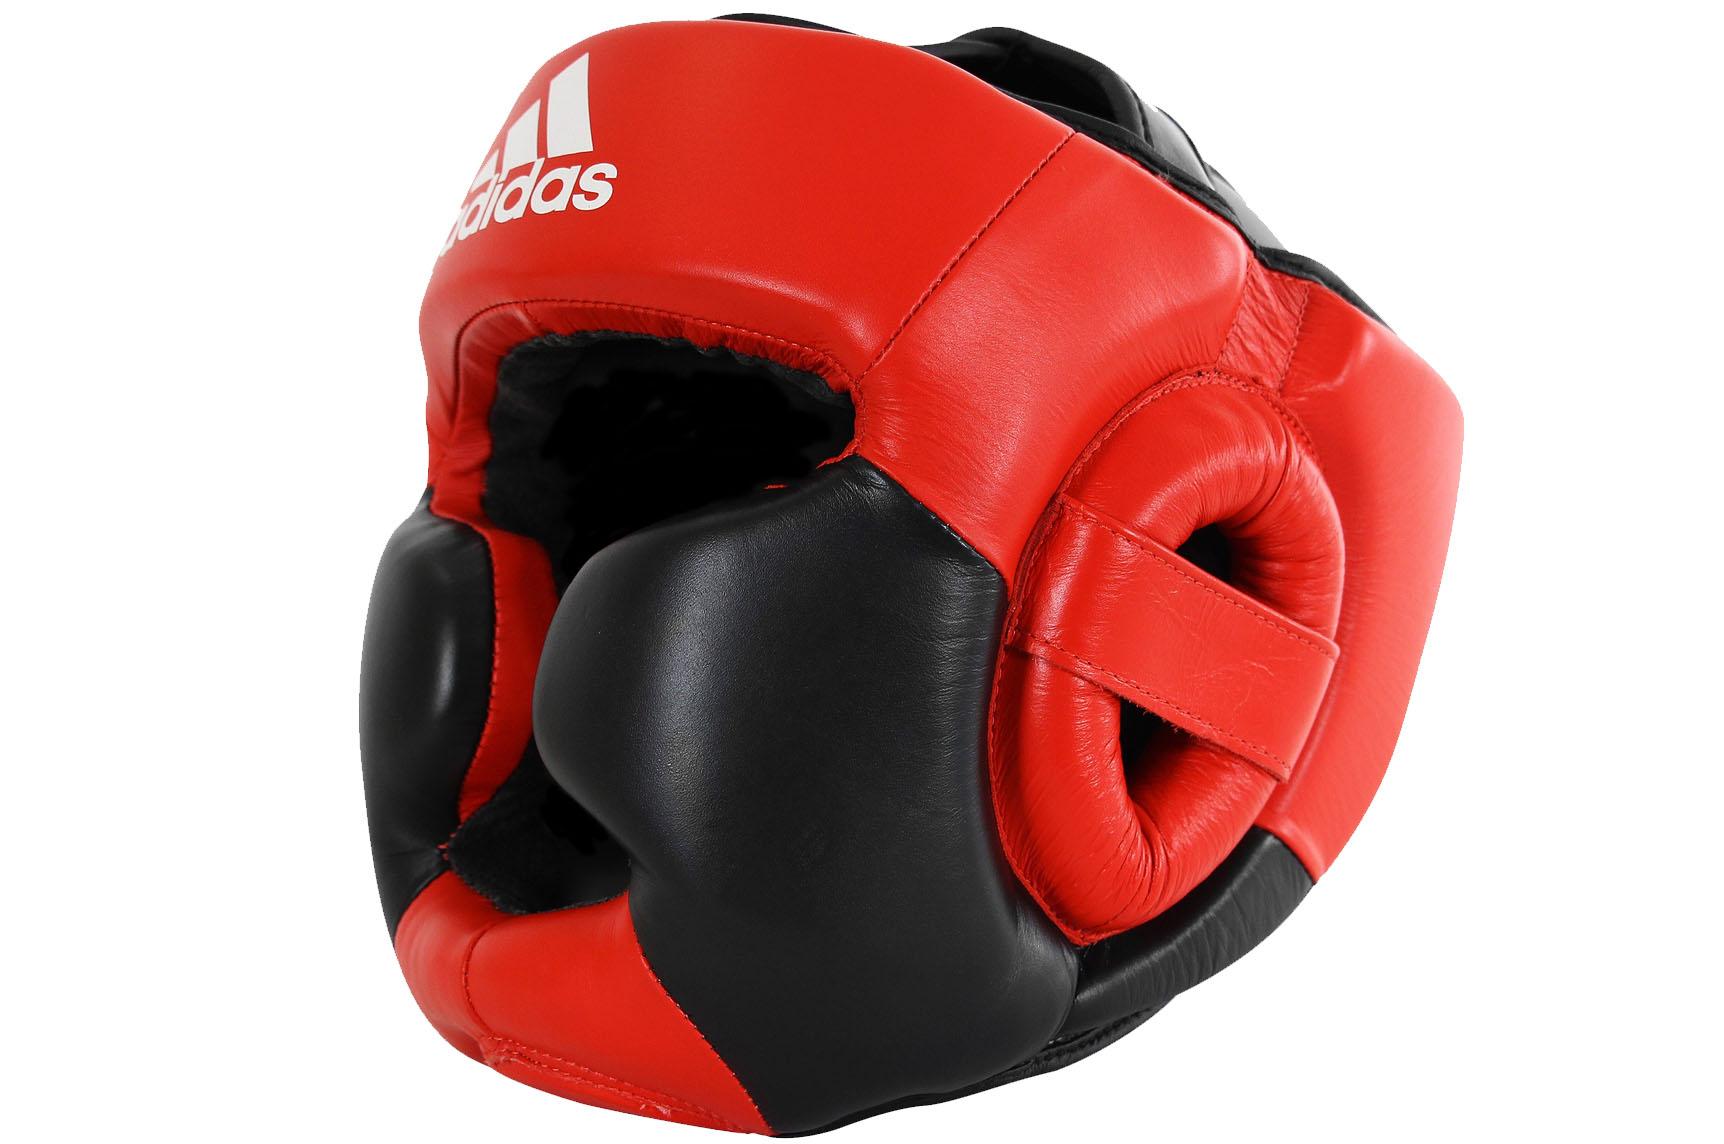 Casque Intégral Cuir Pro , Adidas adiBHG041